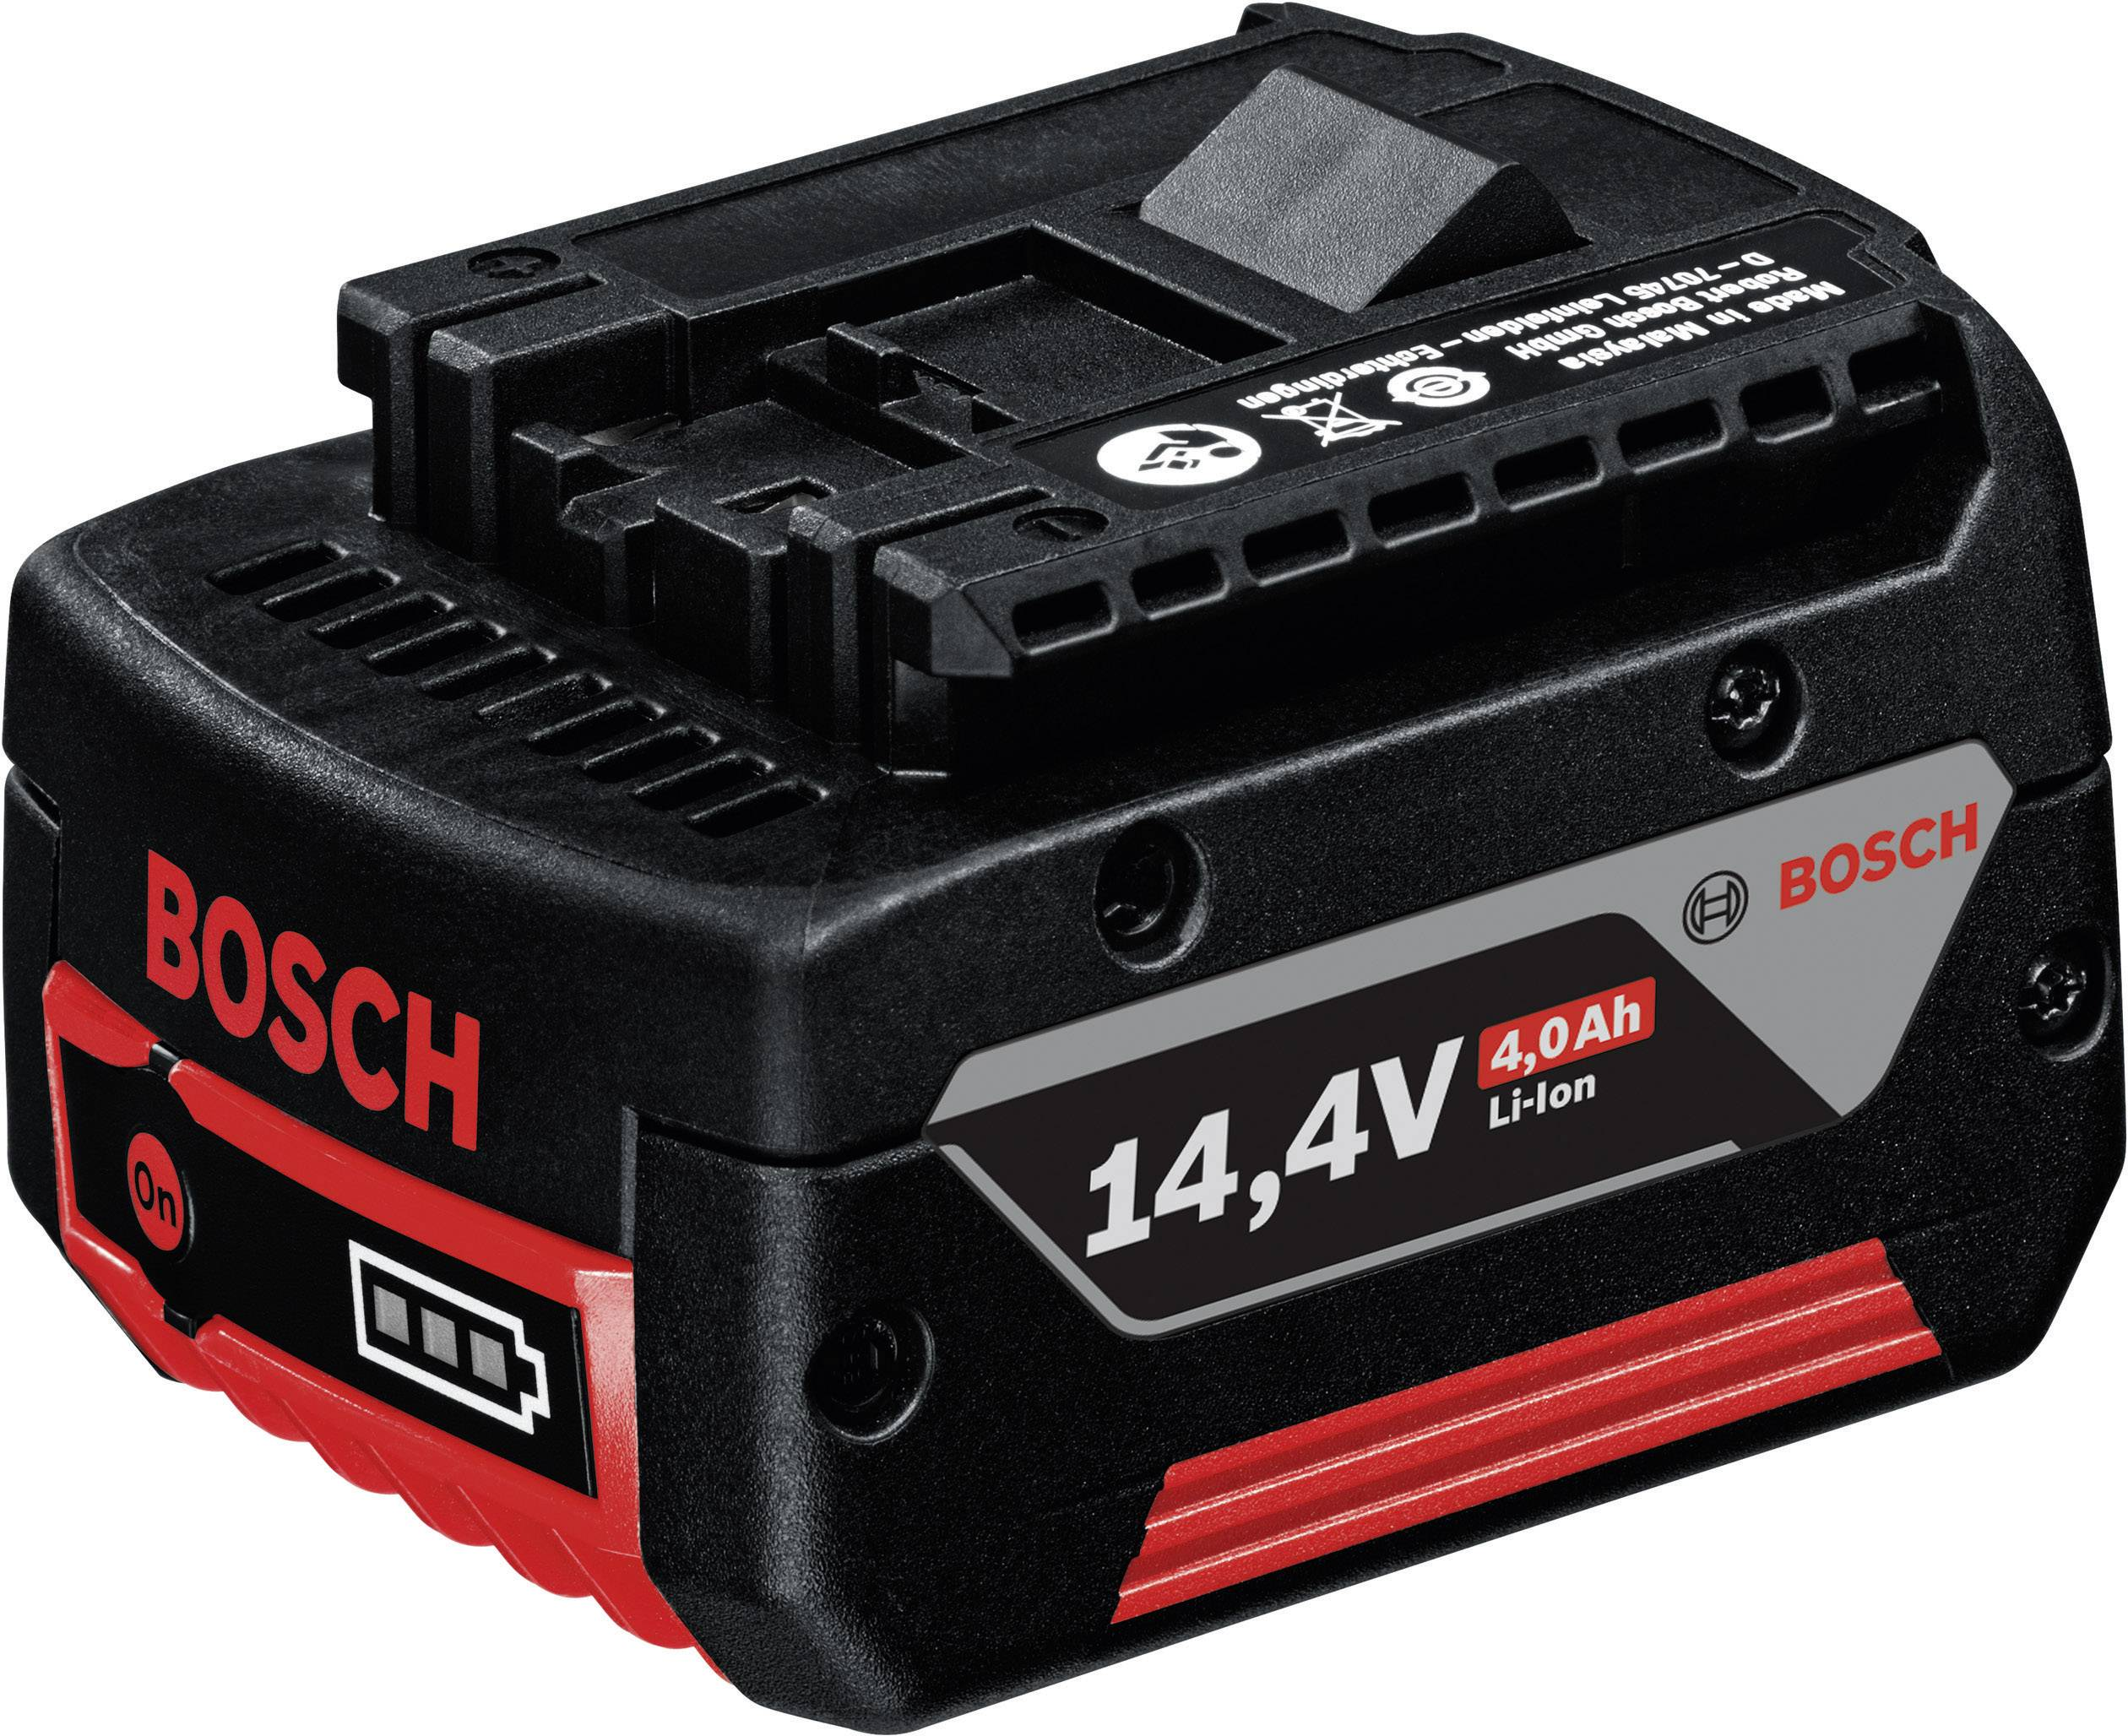 Akumulátor Bosch, Li-Ion, 14.4 V, 4.0 Ah, 1600Z00033